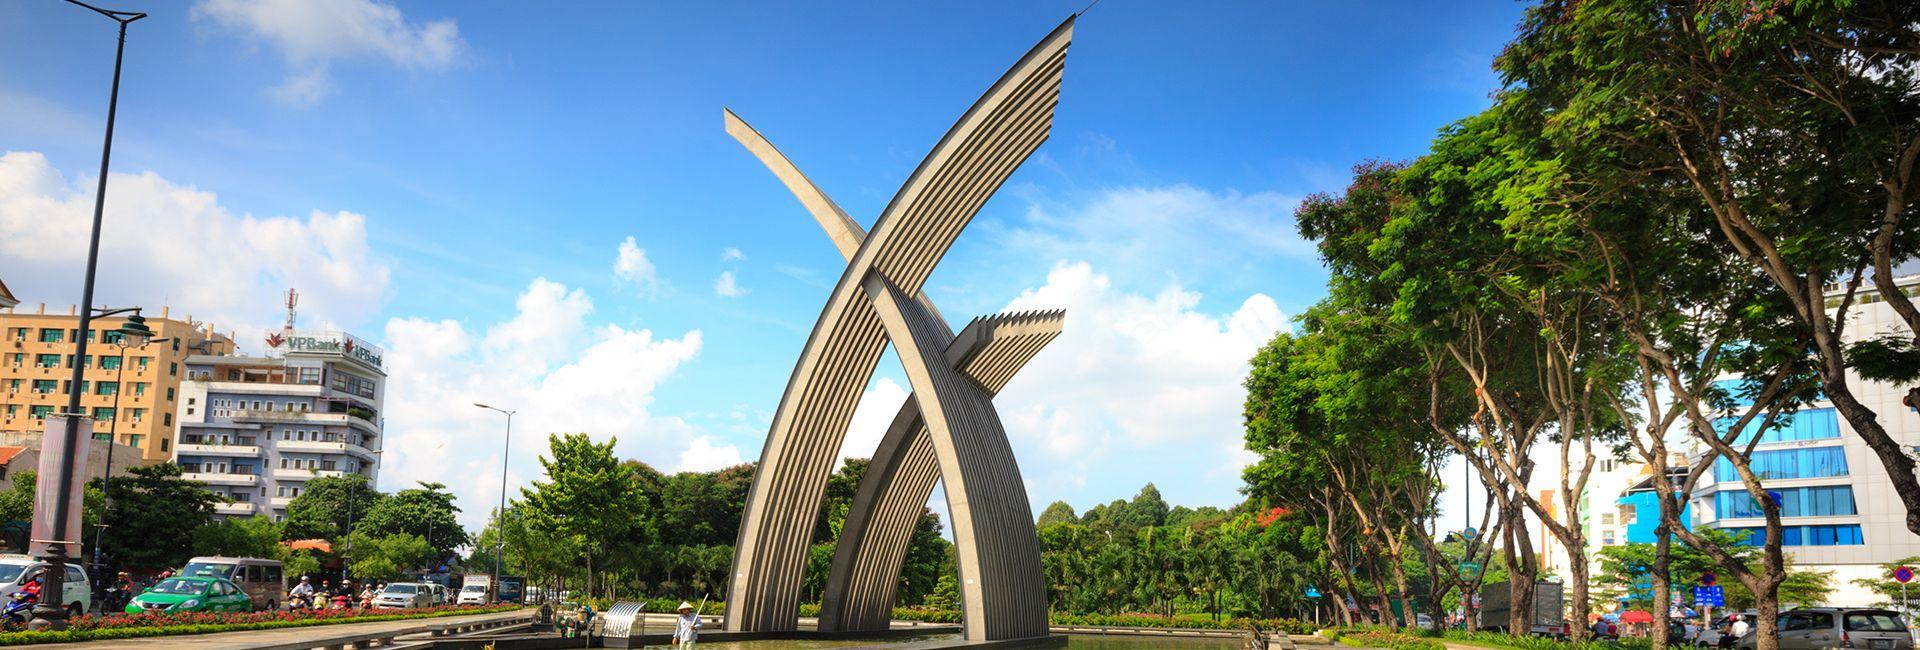 Có gì hot tại công viên Hoàng Văn Thụ, Sài Gòn vào cuối tuần?